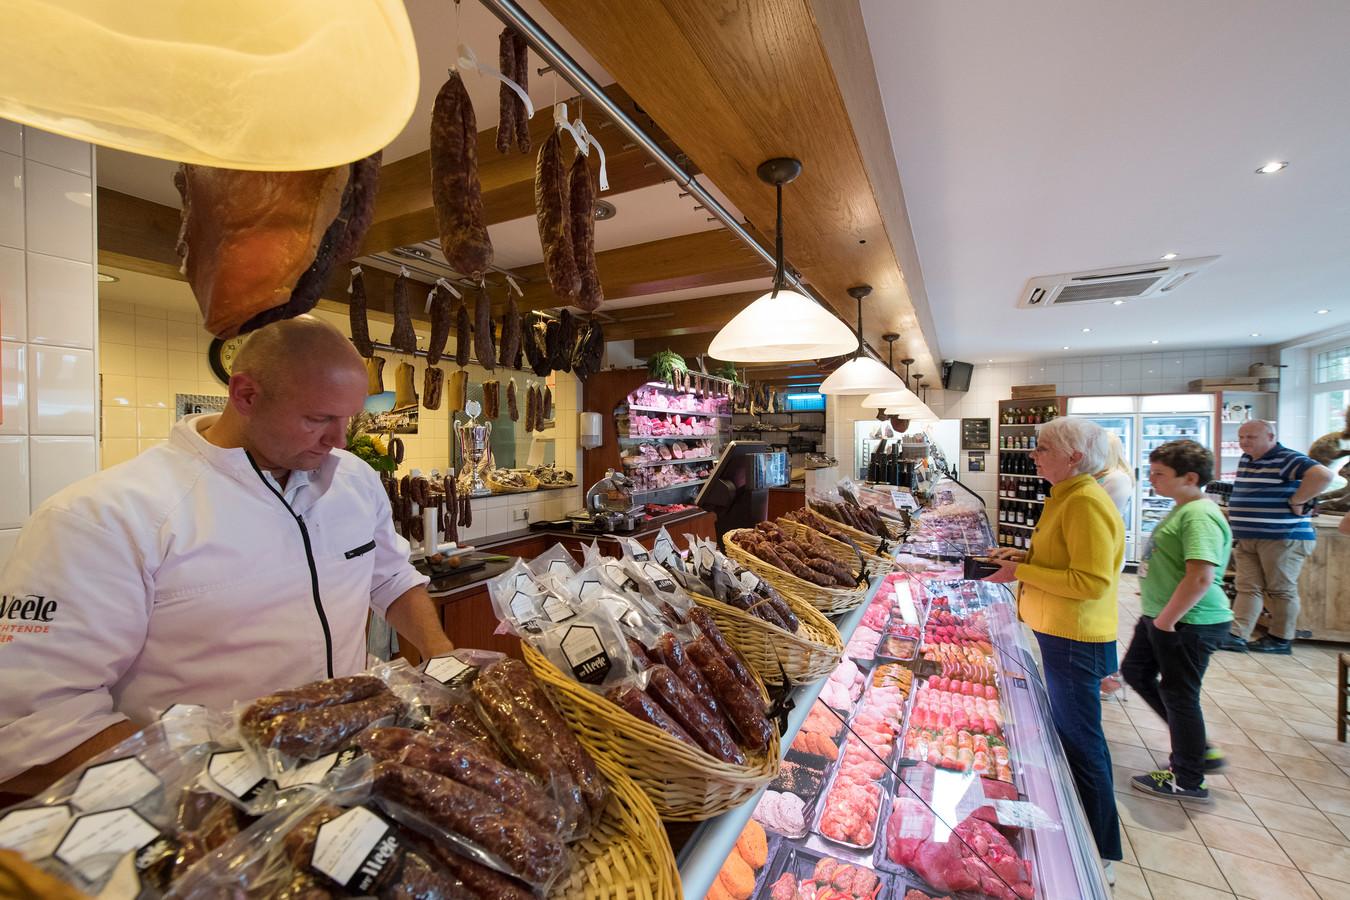 Thuisslachter Herman Ter Weele (in zijn winkel) van slagerij Ter Weele.